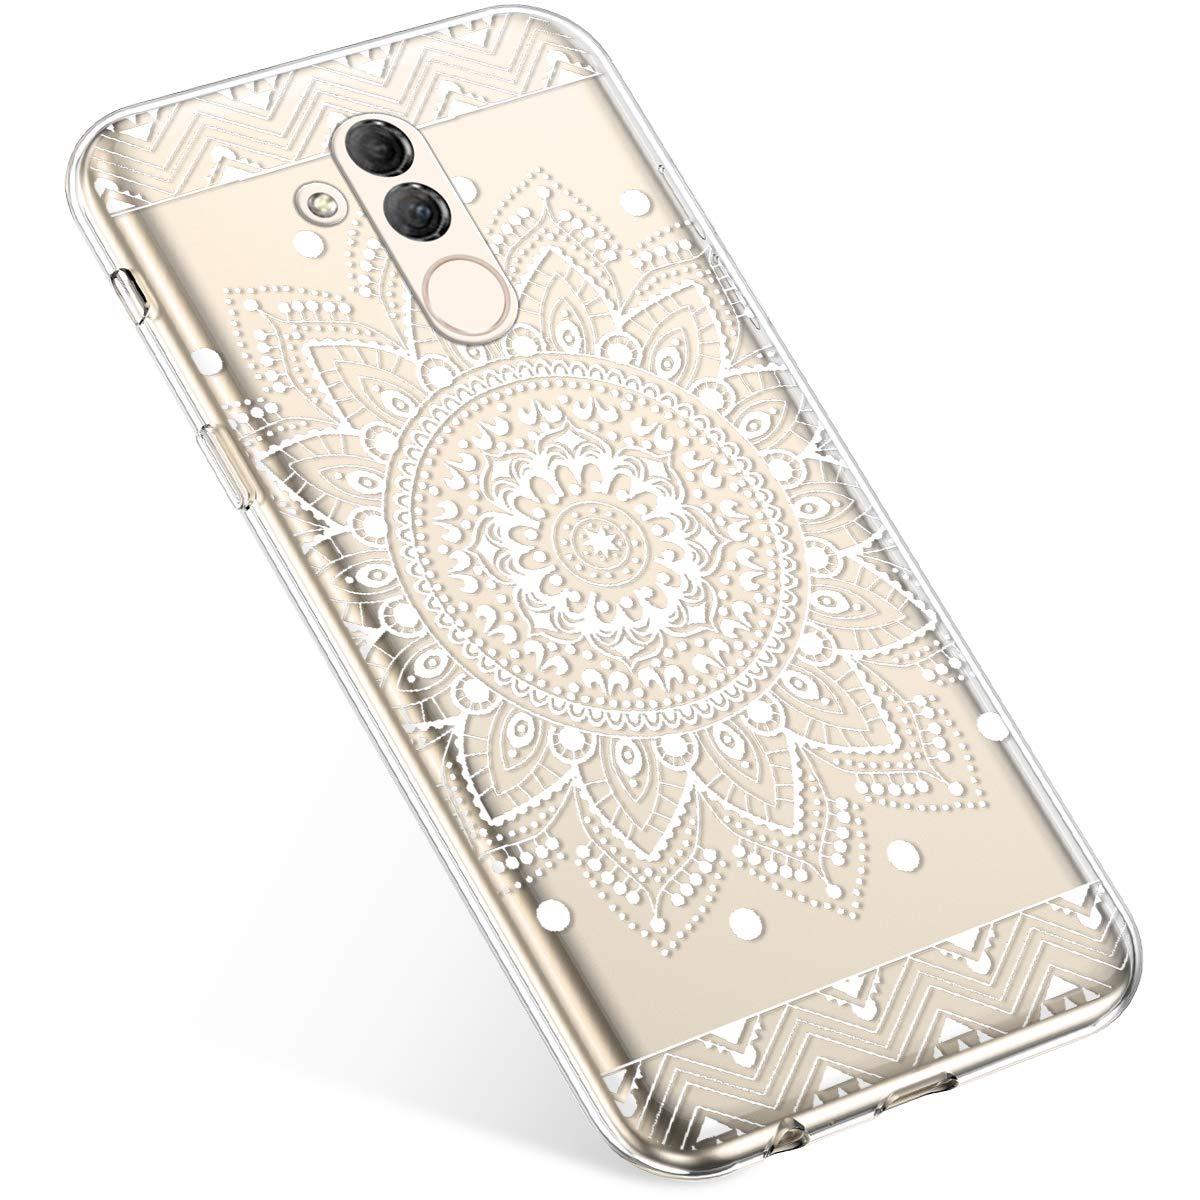 Funda Compatible con Huawei Mate 20 Lite Carcasa,Bling Glitter Funda Transparente Silicona,Moda Pintado Patr/ón Colorido Cubierta Suave Anti-Ara/ñazos Ultra Delgado TPU Case.Panda